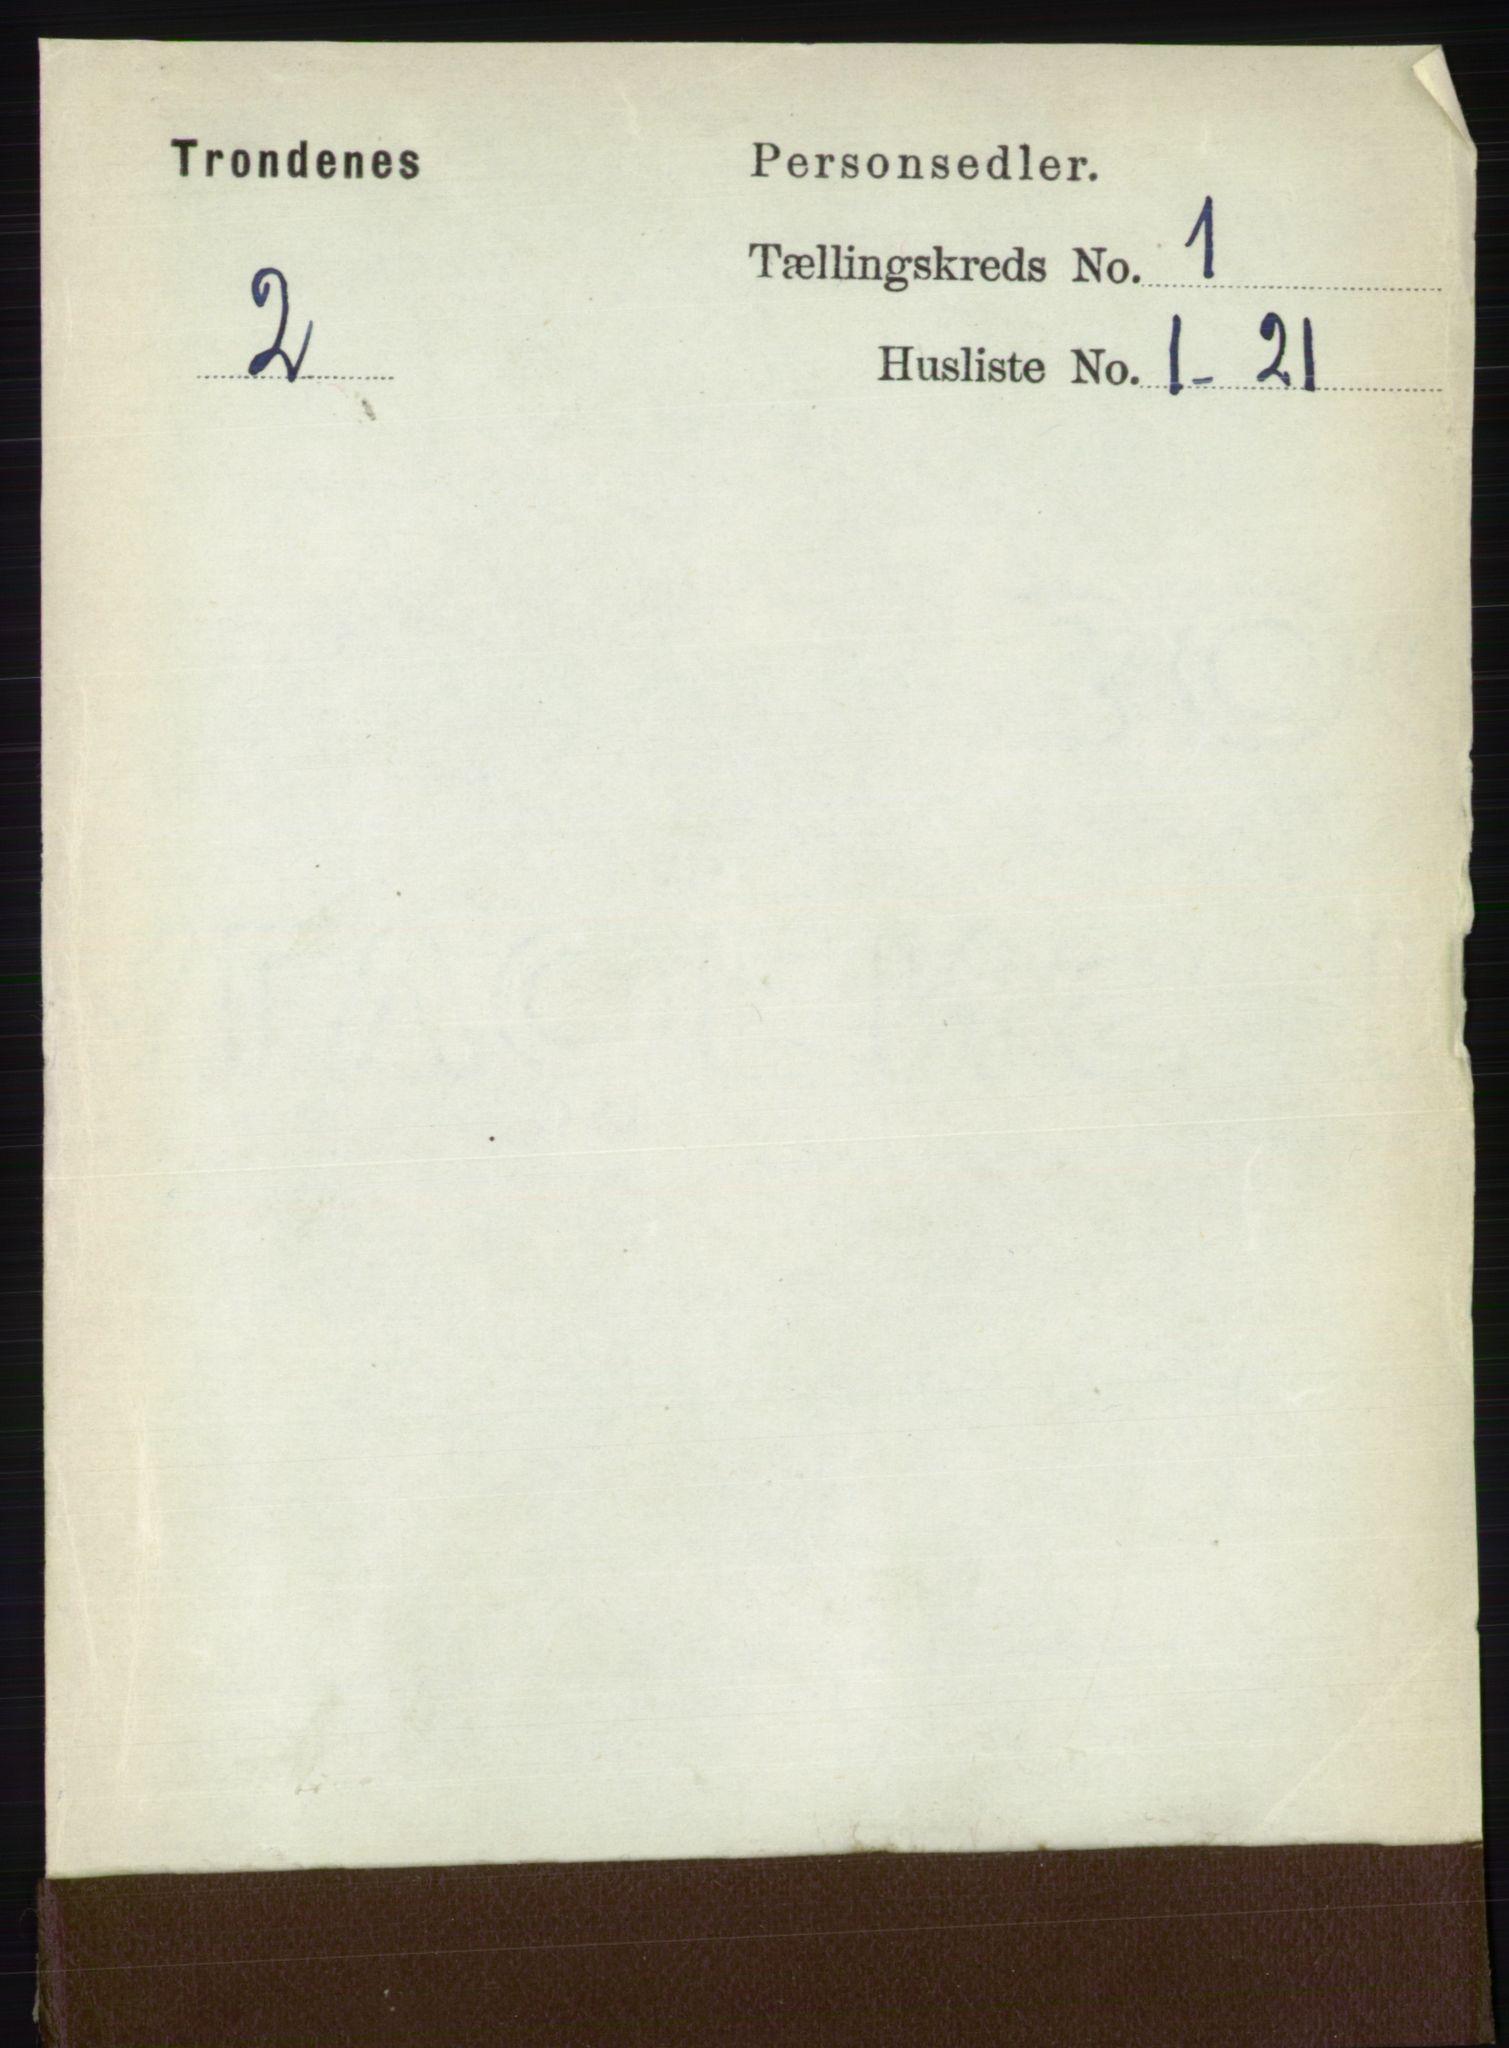 RA, Folketelling 1891 for 1914 Trondenes herred, 1891, s. 108